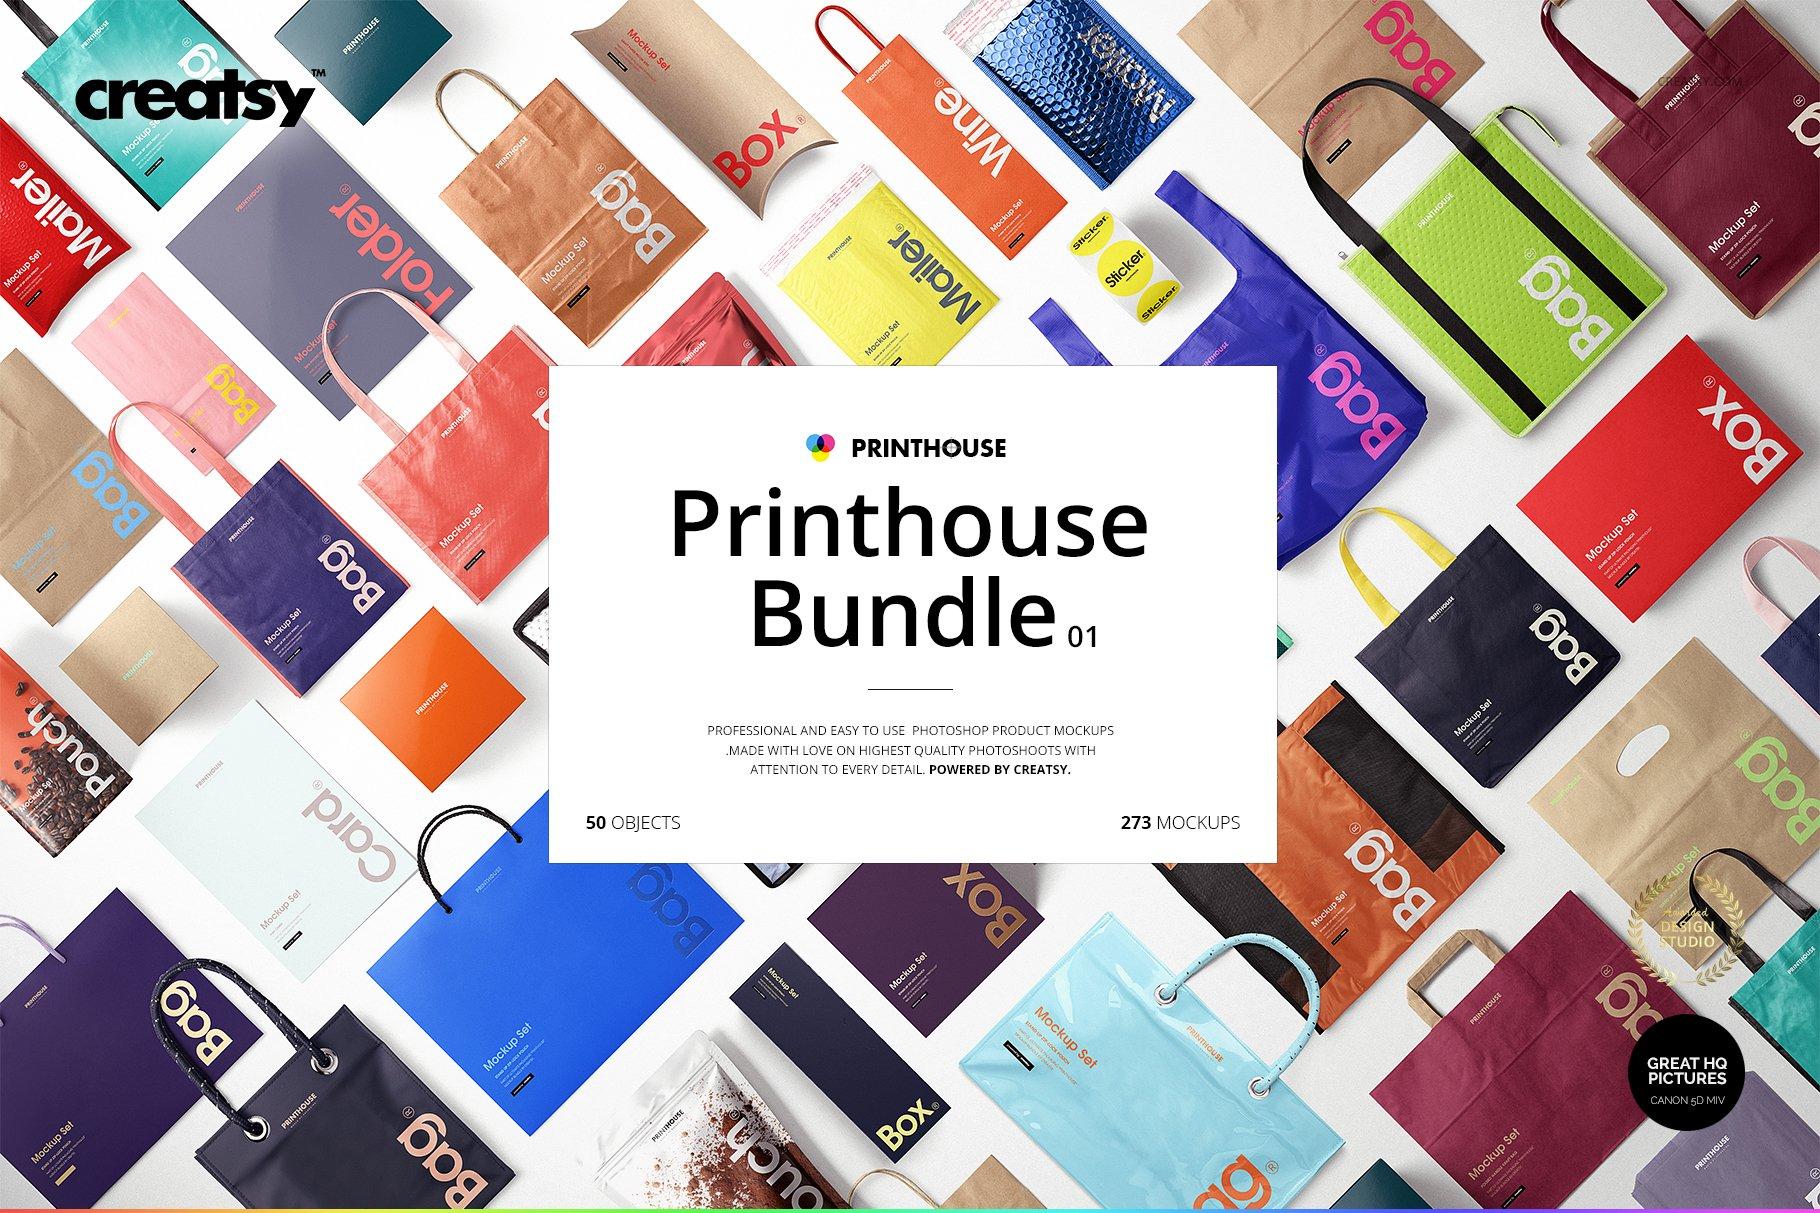 [淘宝购买] 273款时尚购物手提纸袋快递气泡塑料袋纸箱设计贴图PSD样机 Printhouse Mockups Bundle v.1插图